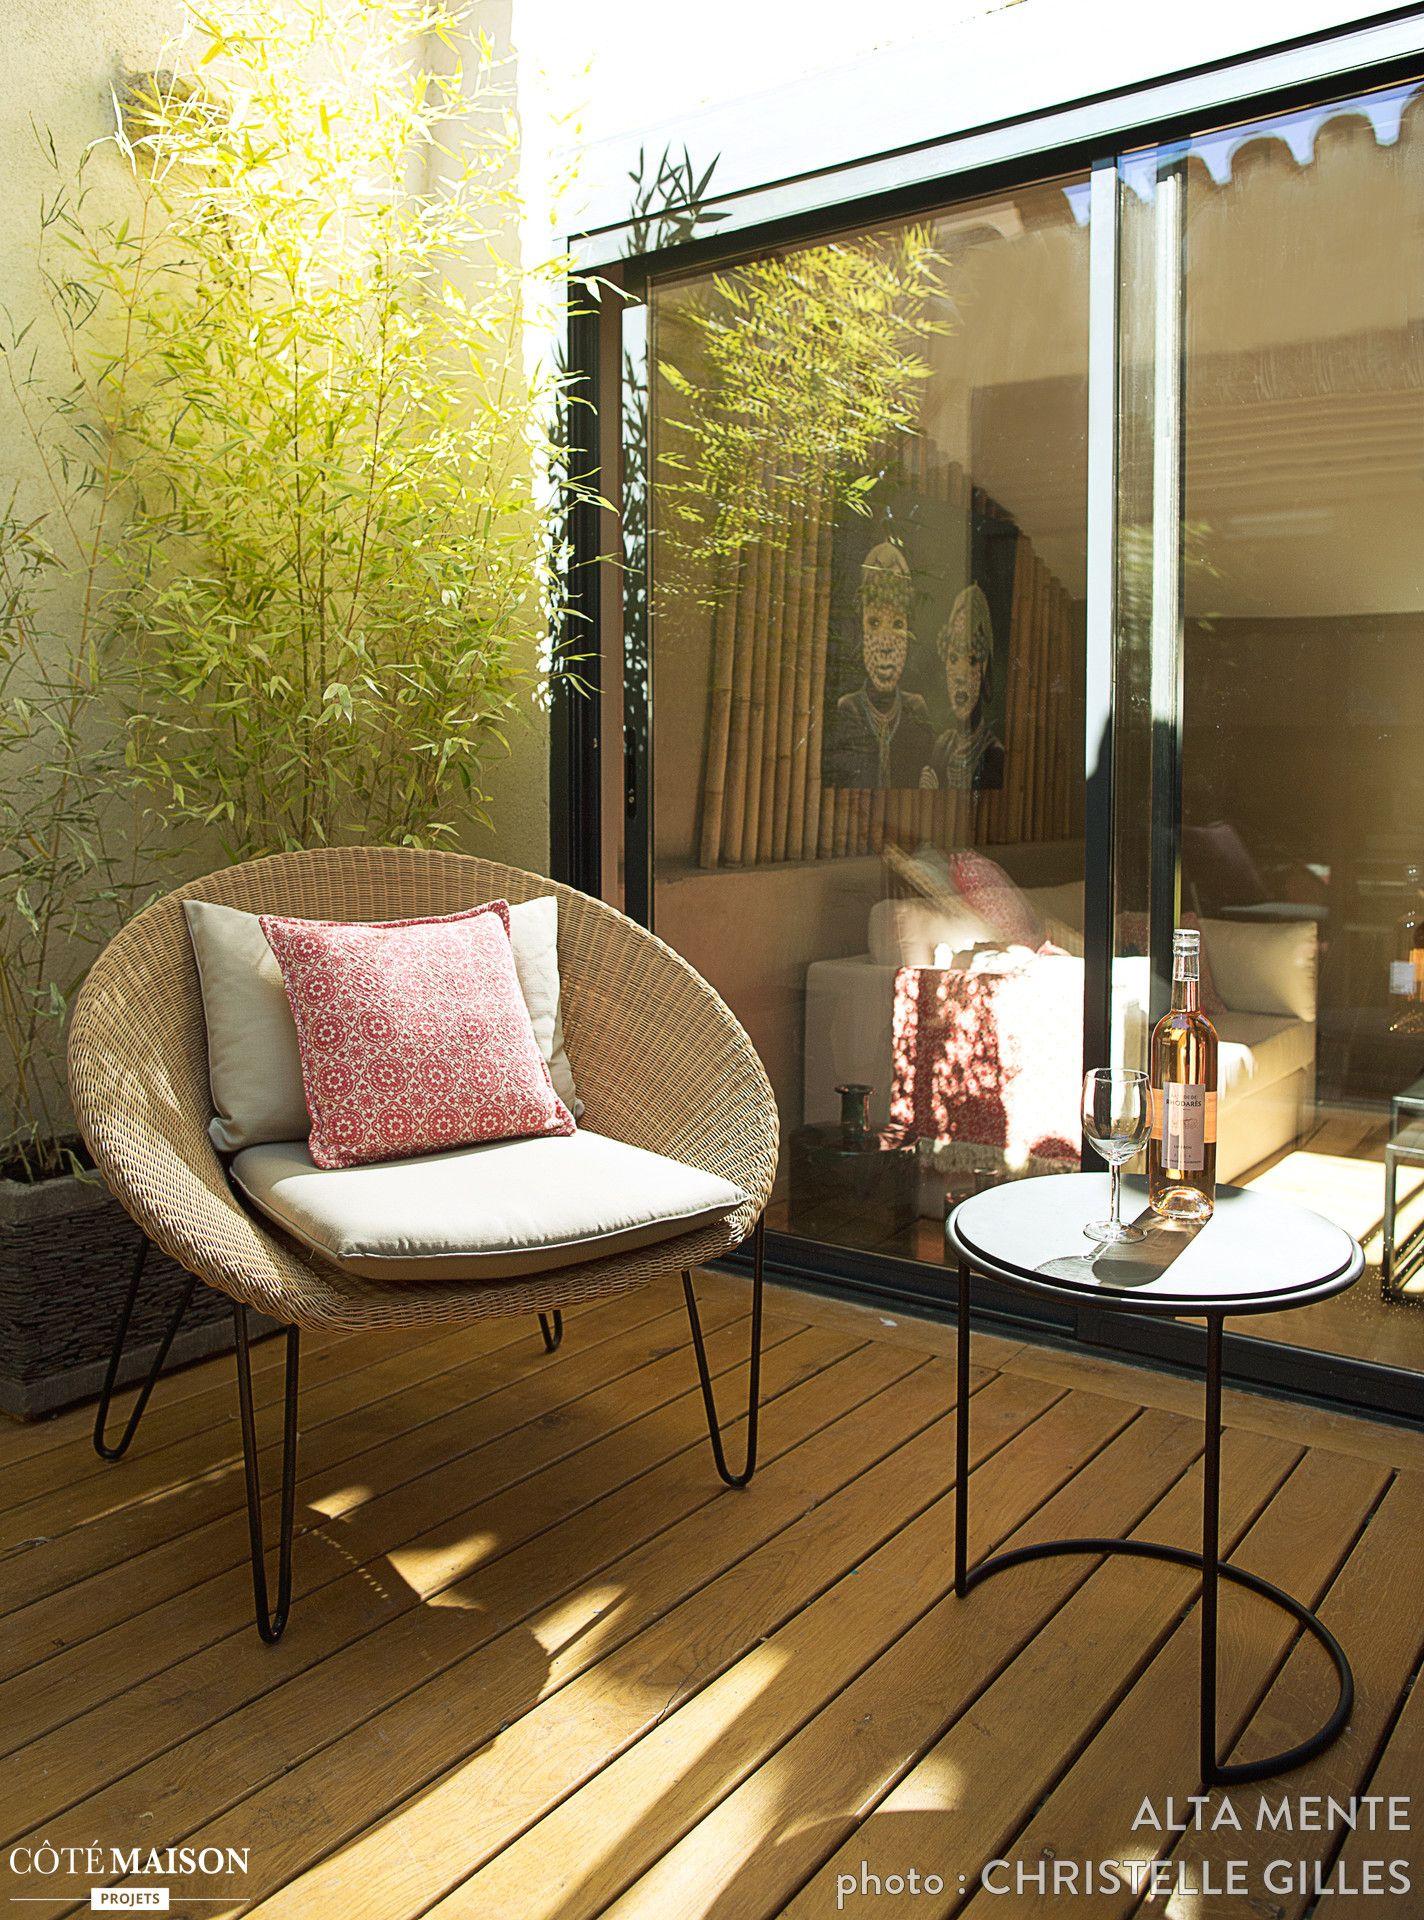 des meubles aux lignes g om triques originales d core. Black Bedroom Furniture Sets. Home Design Ideas